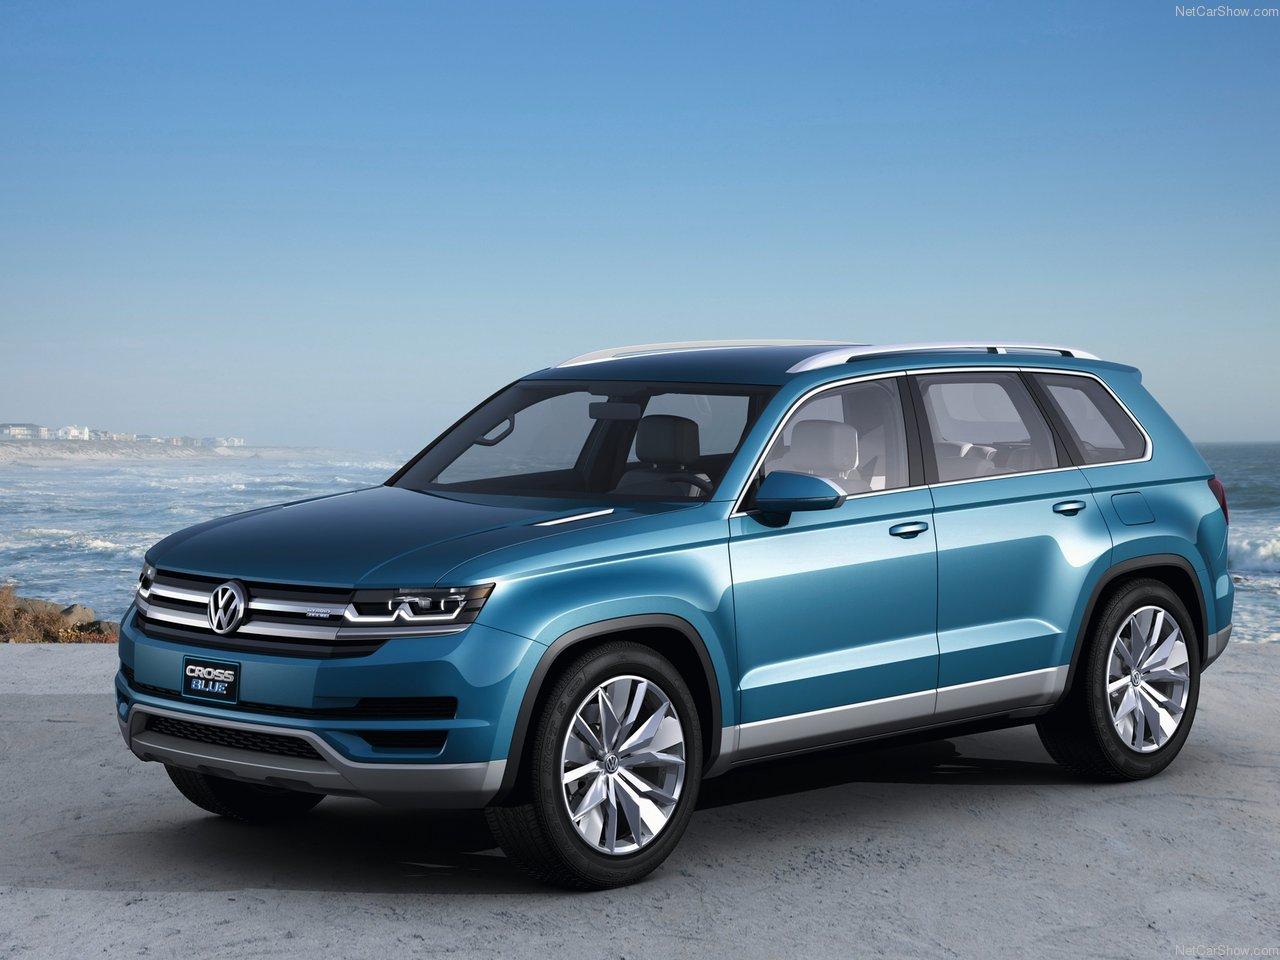 Volkswagen-CrossBlue_Concept-2013-1280-03